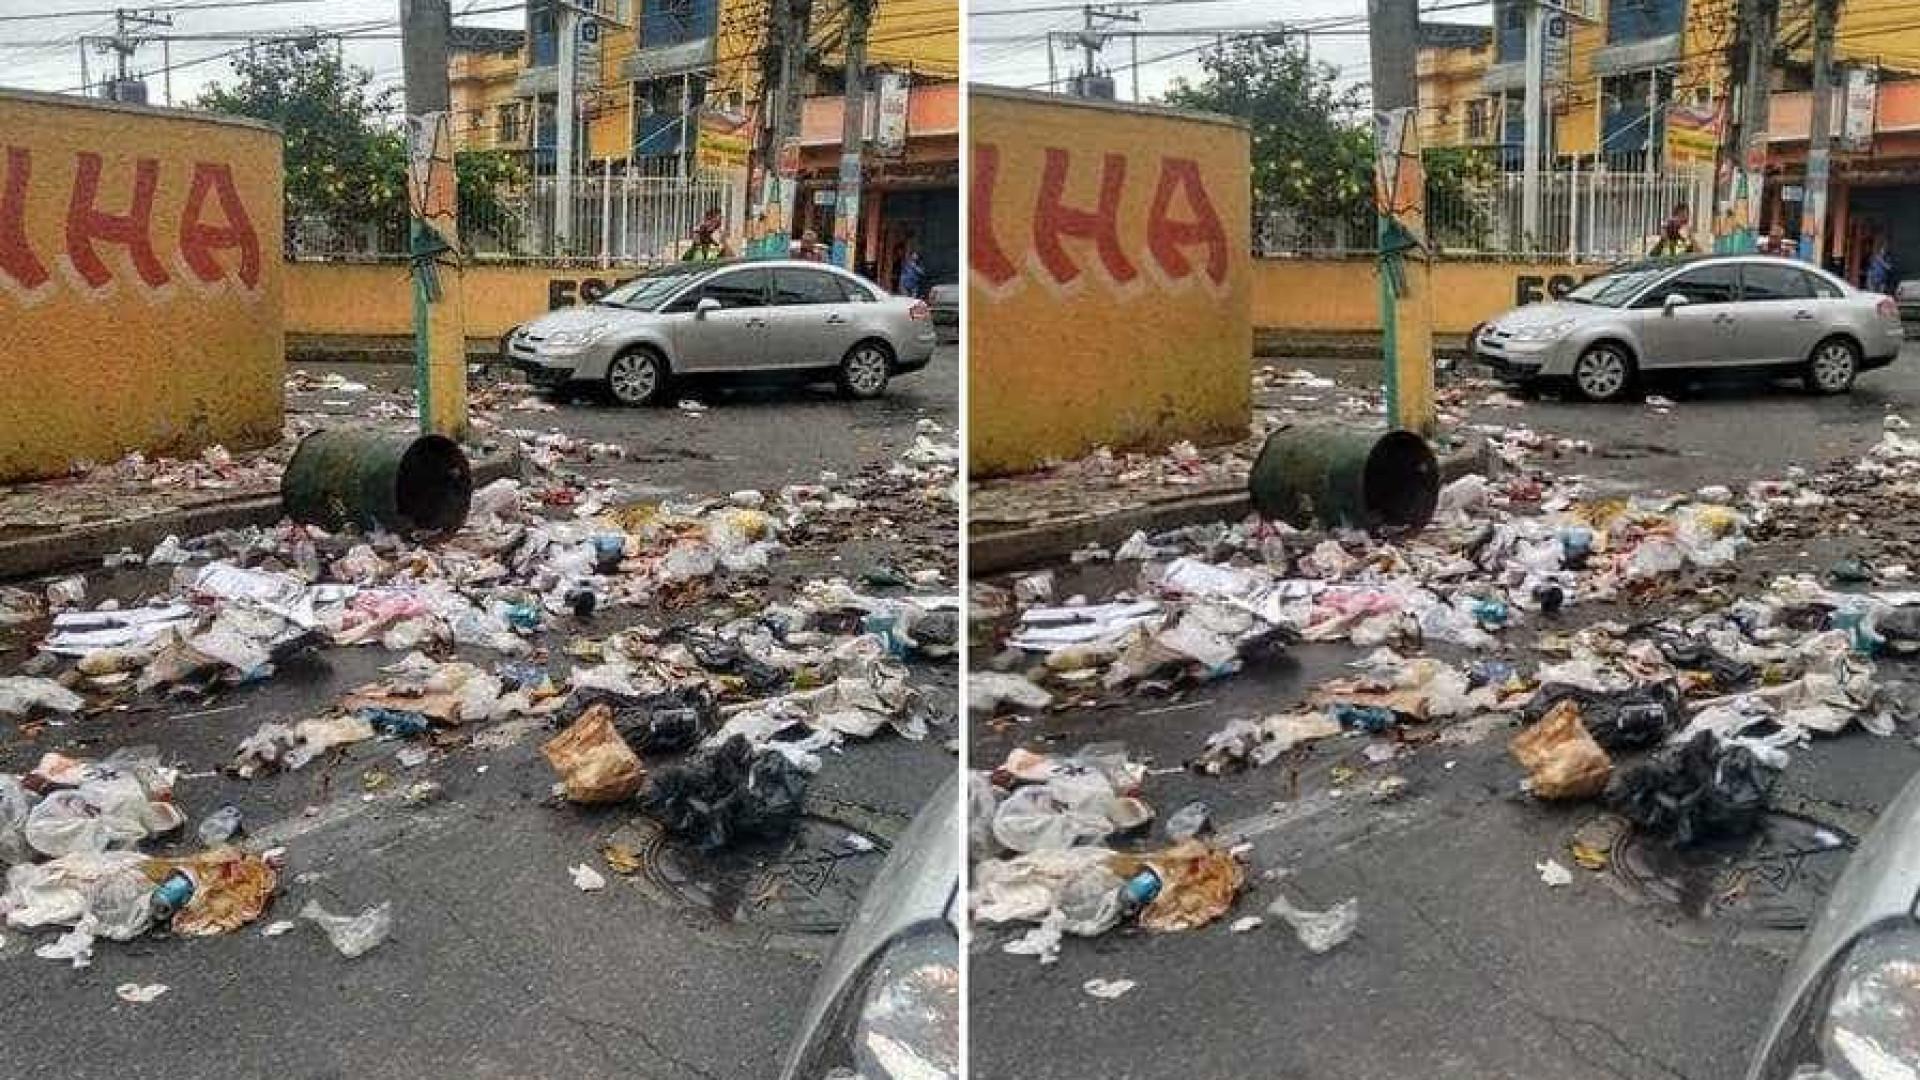 Garis espalham lixo pelas ruas em protesto por falta de pagamento